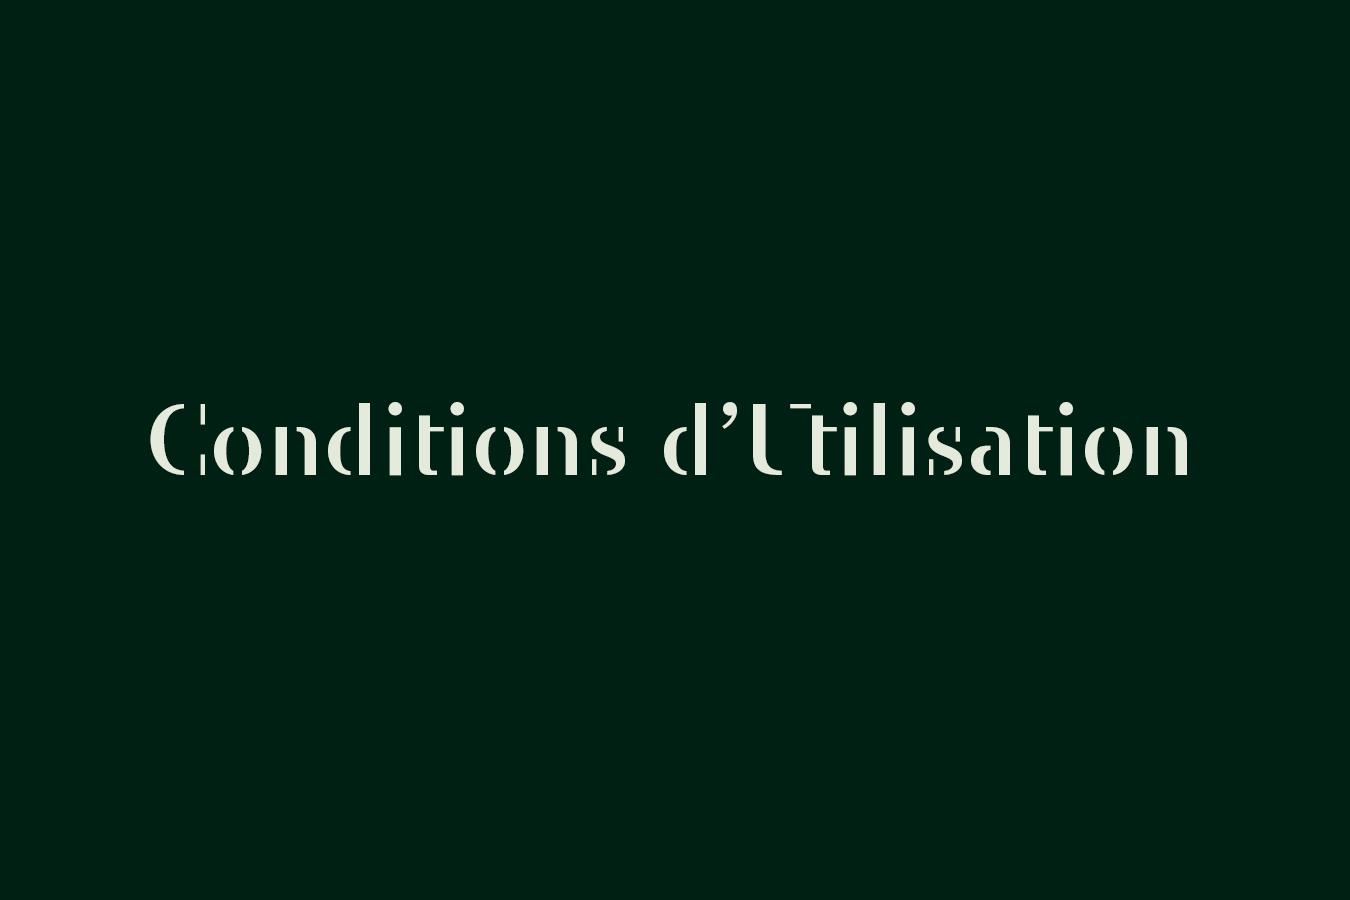 domaine-de-ronchinne-spa-conditions-d-utilisation-01.jpg